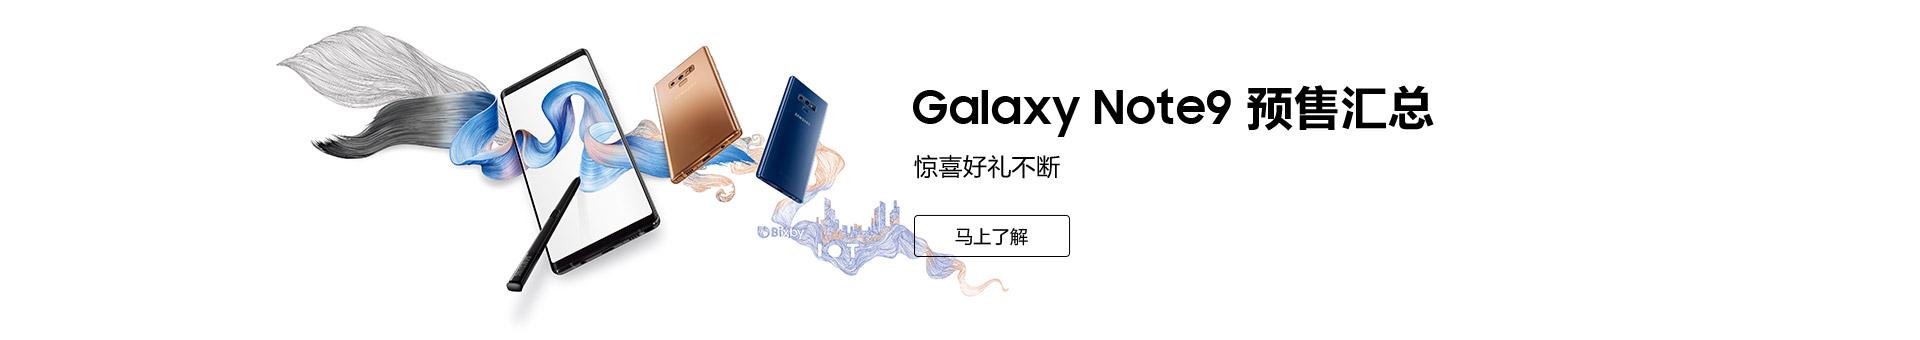 三星Galaxy Note9全渠道预售汇总